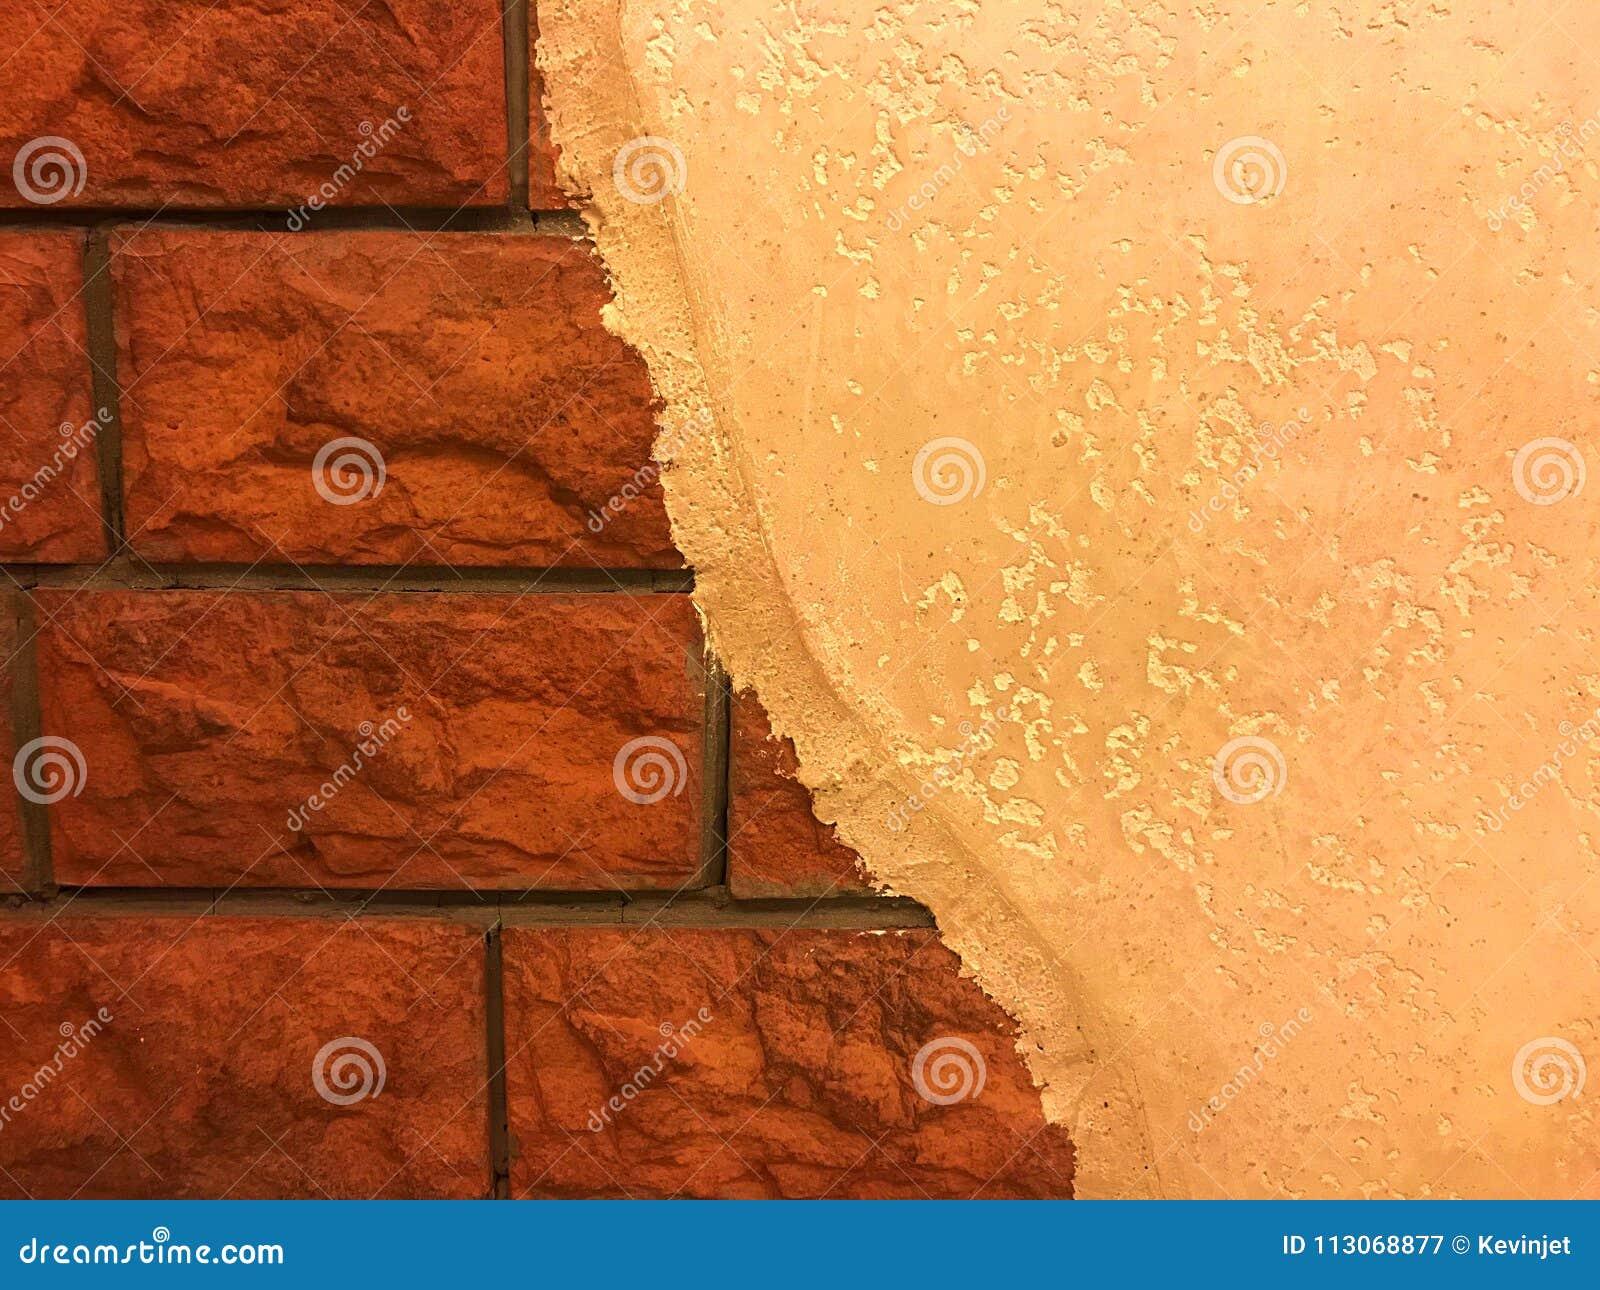 Half Geschilderde Muur : Half geschilderde muur en de rode baksteen stock afbeelding